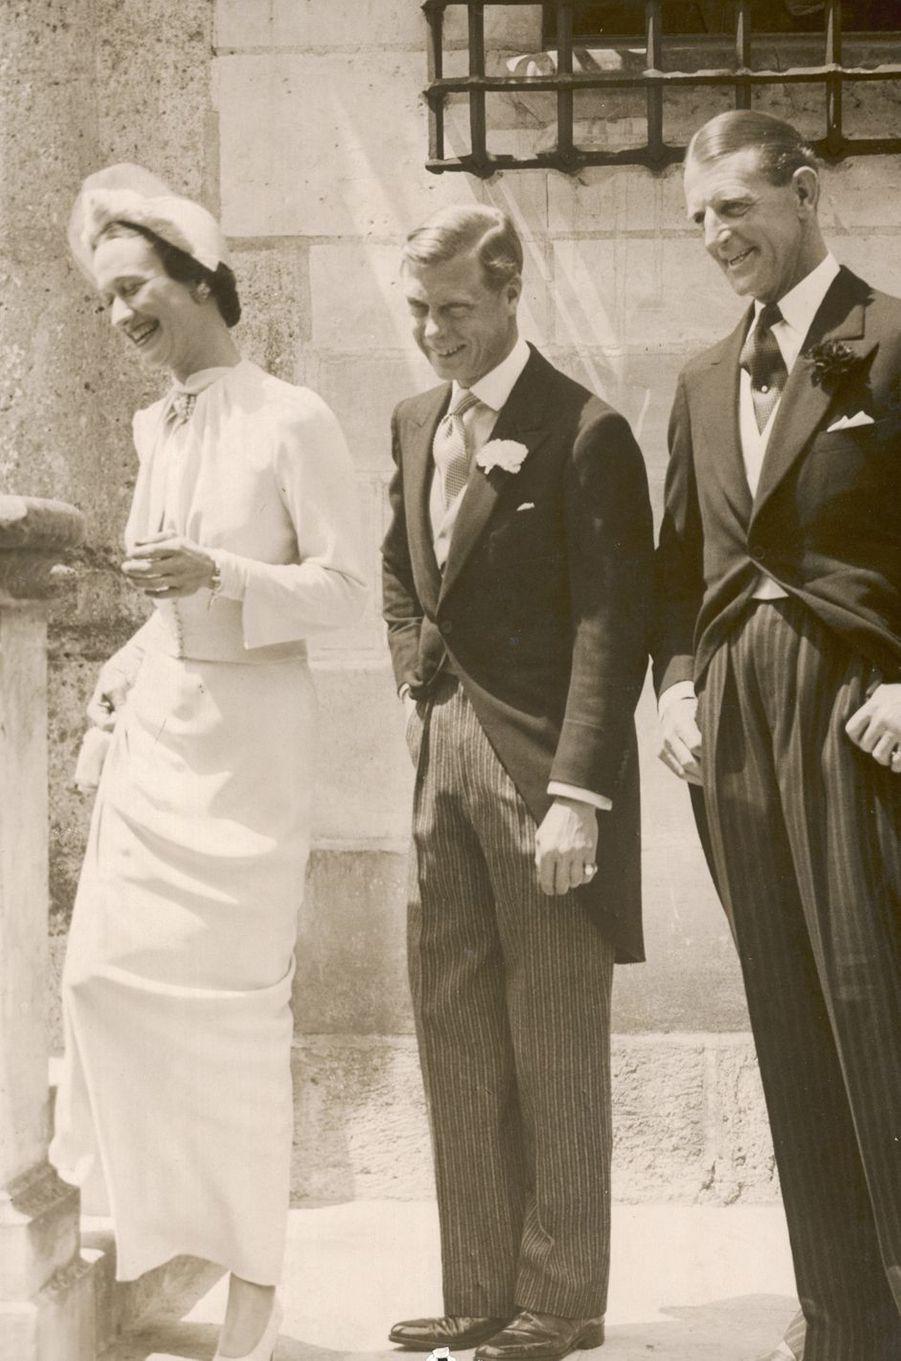 Le prince Edward et Wallis Simpson, le 3 juin 1937, jour de leur mariage au château de Candé